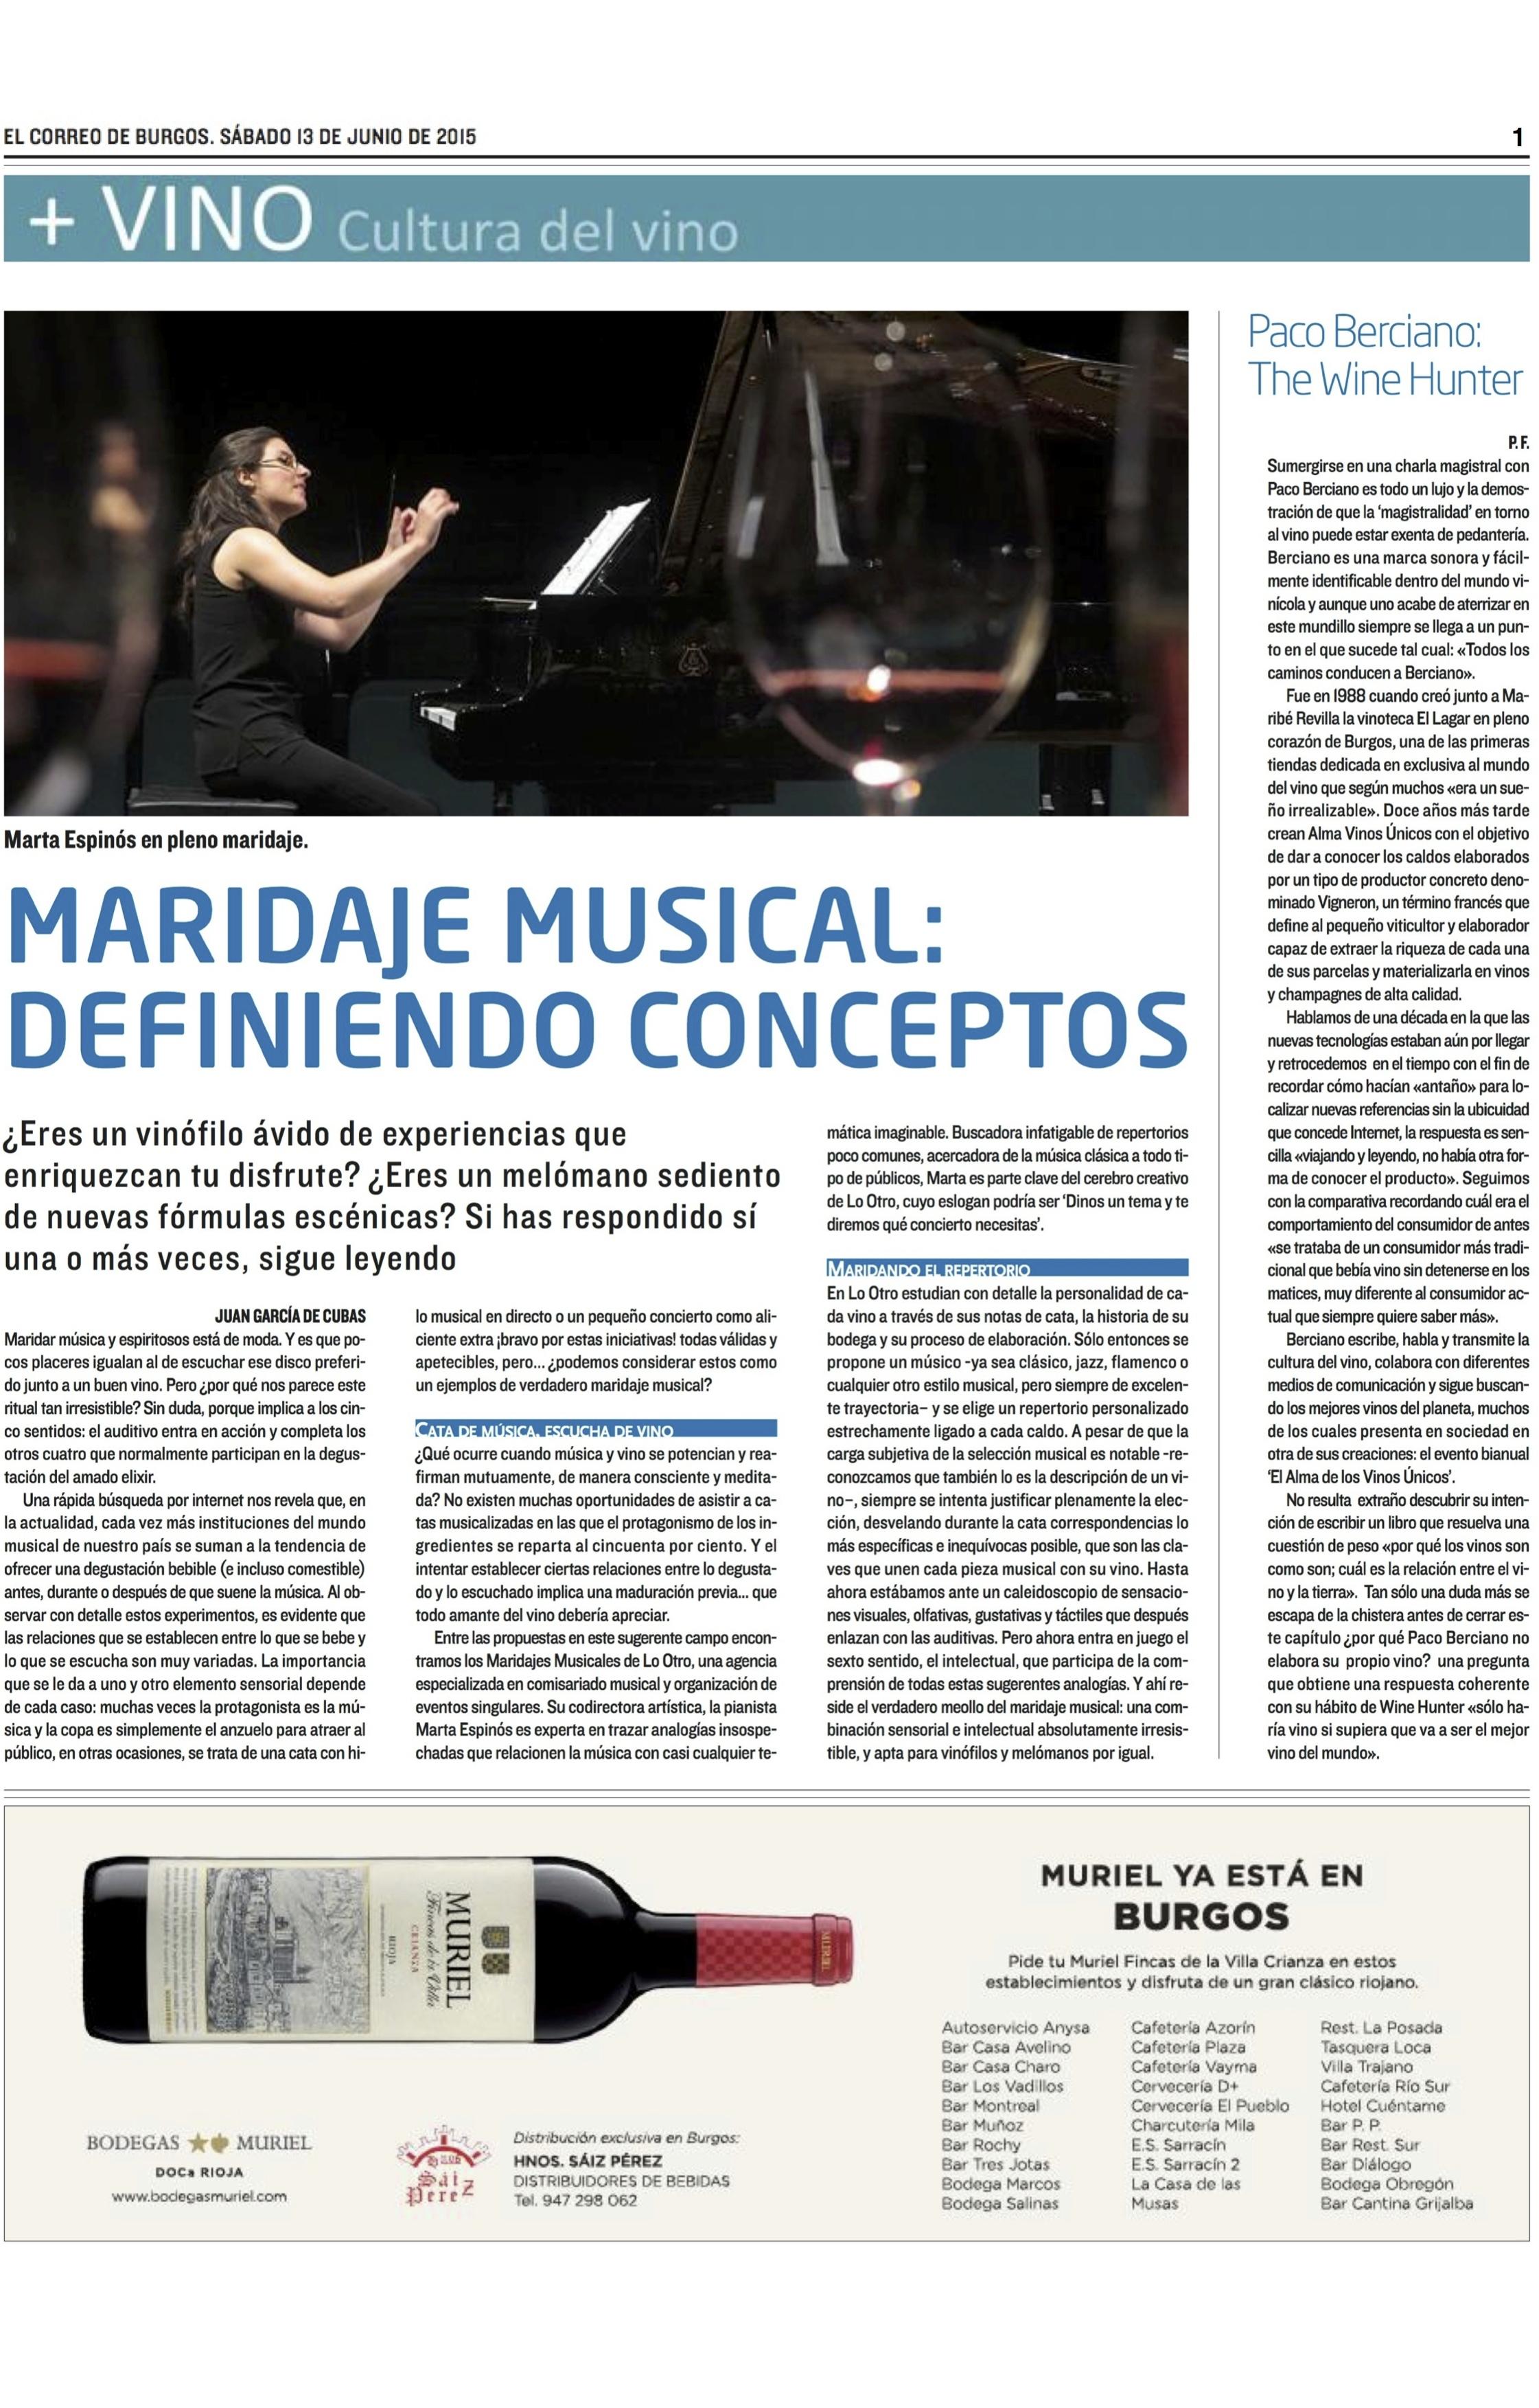 Suplemento + VINO El Correo de Burgos 13-6-15 copia